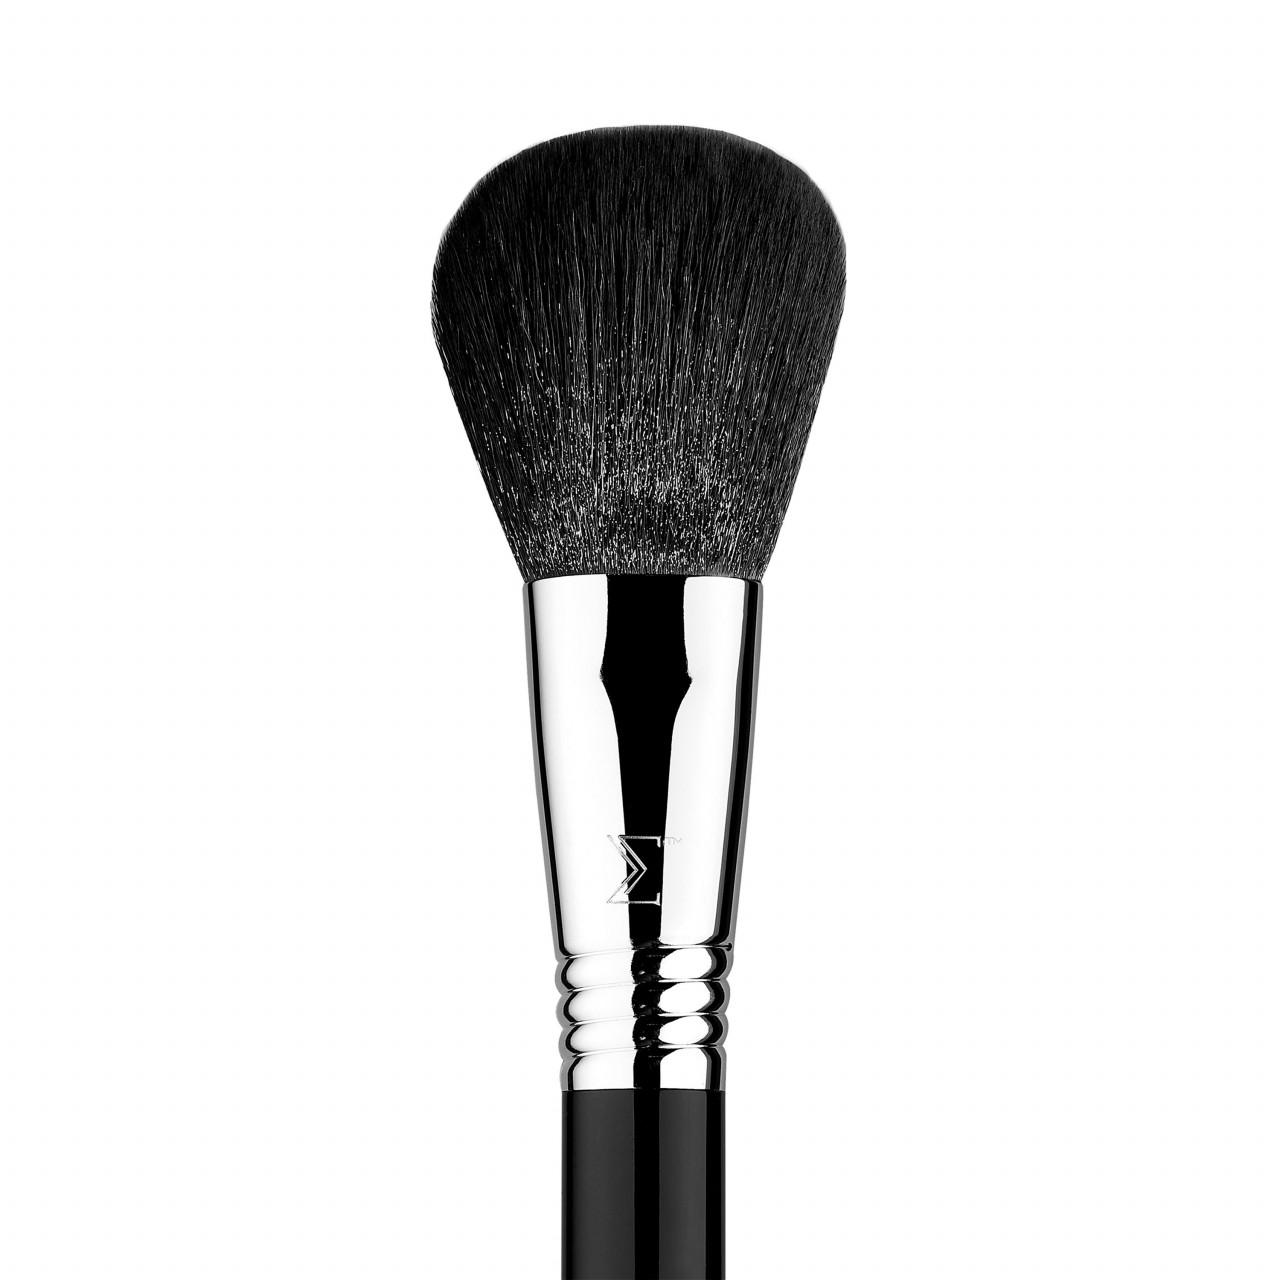 Sigma - Brushes F30 Large Powder Brush -